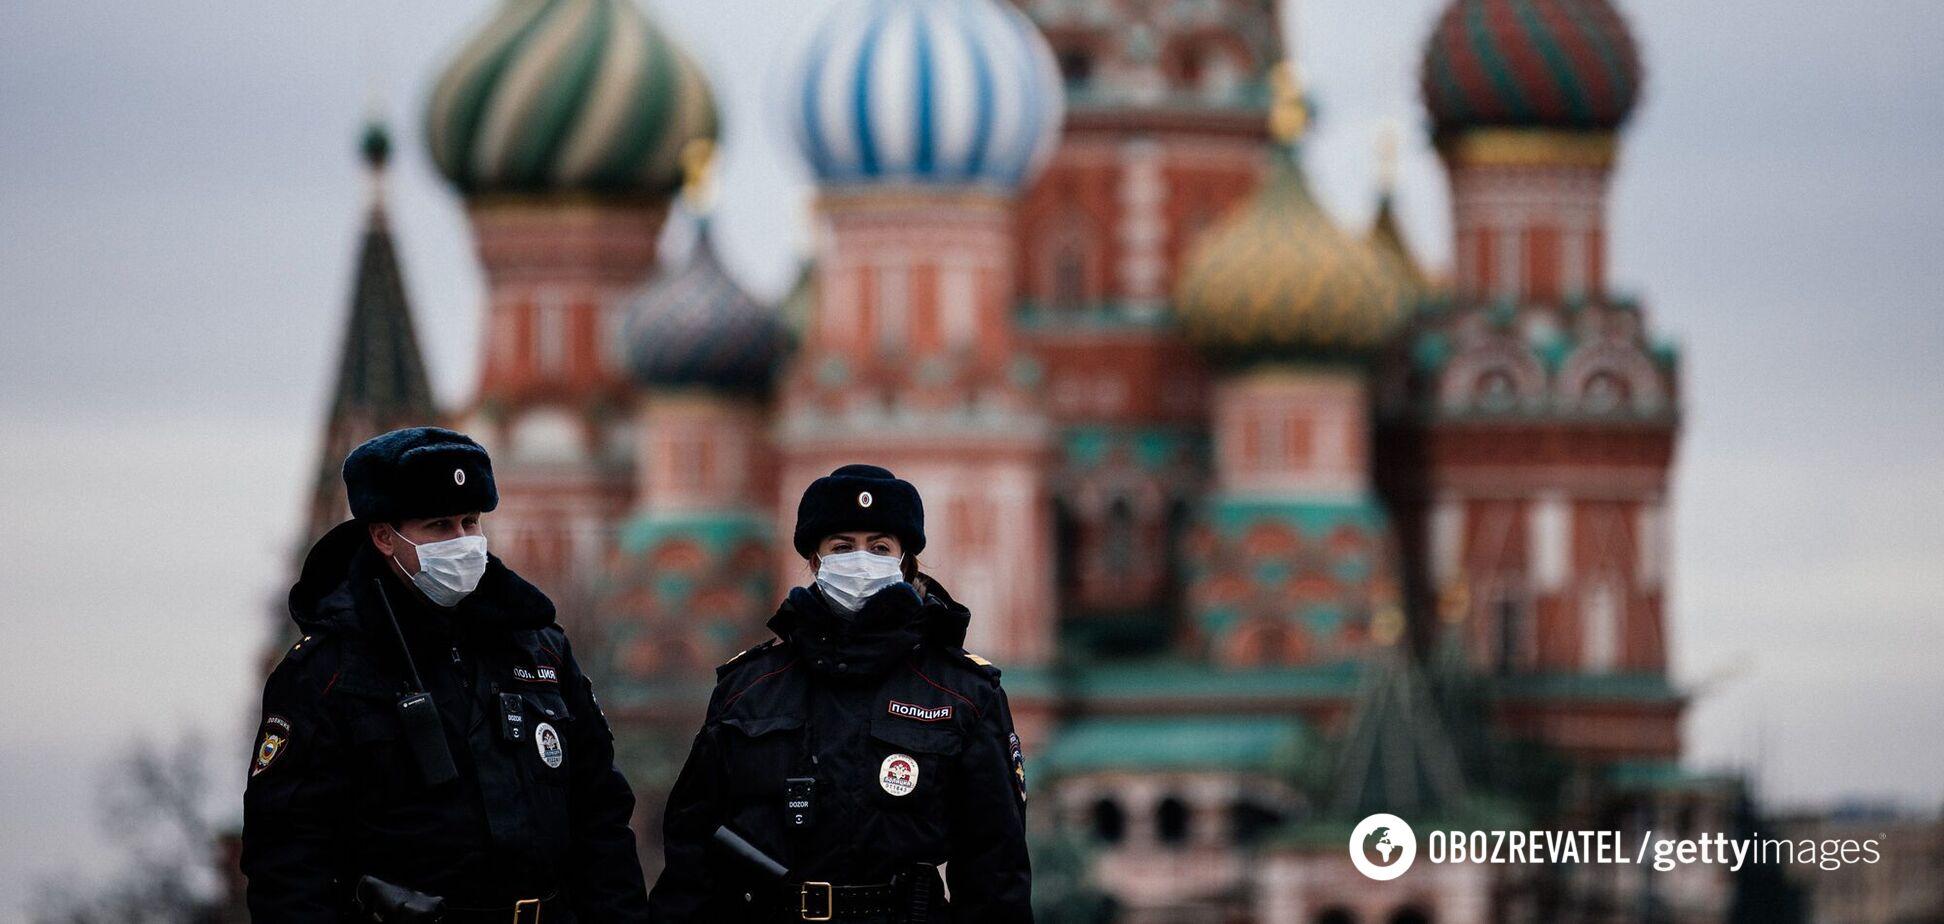 'Город смоет волной смертей от ковида'. В России требуют отменить парад ко дню ВМФ